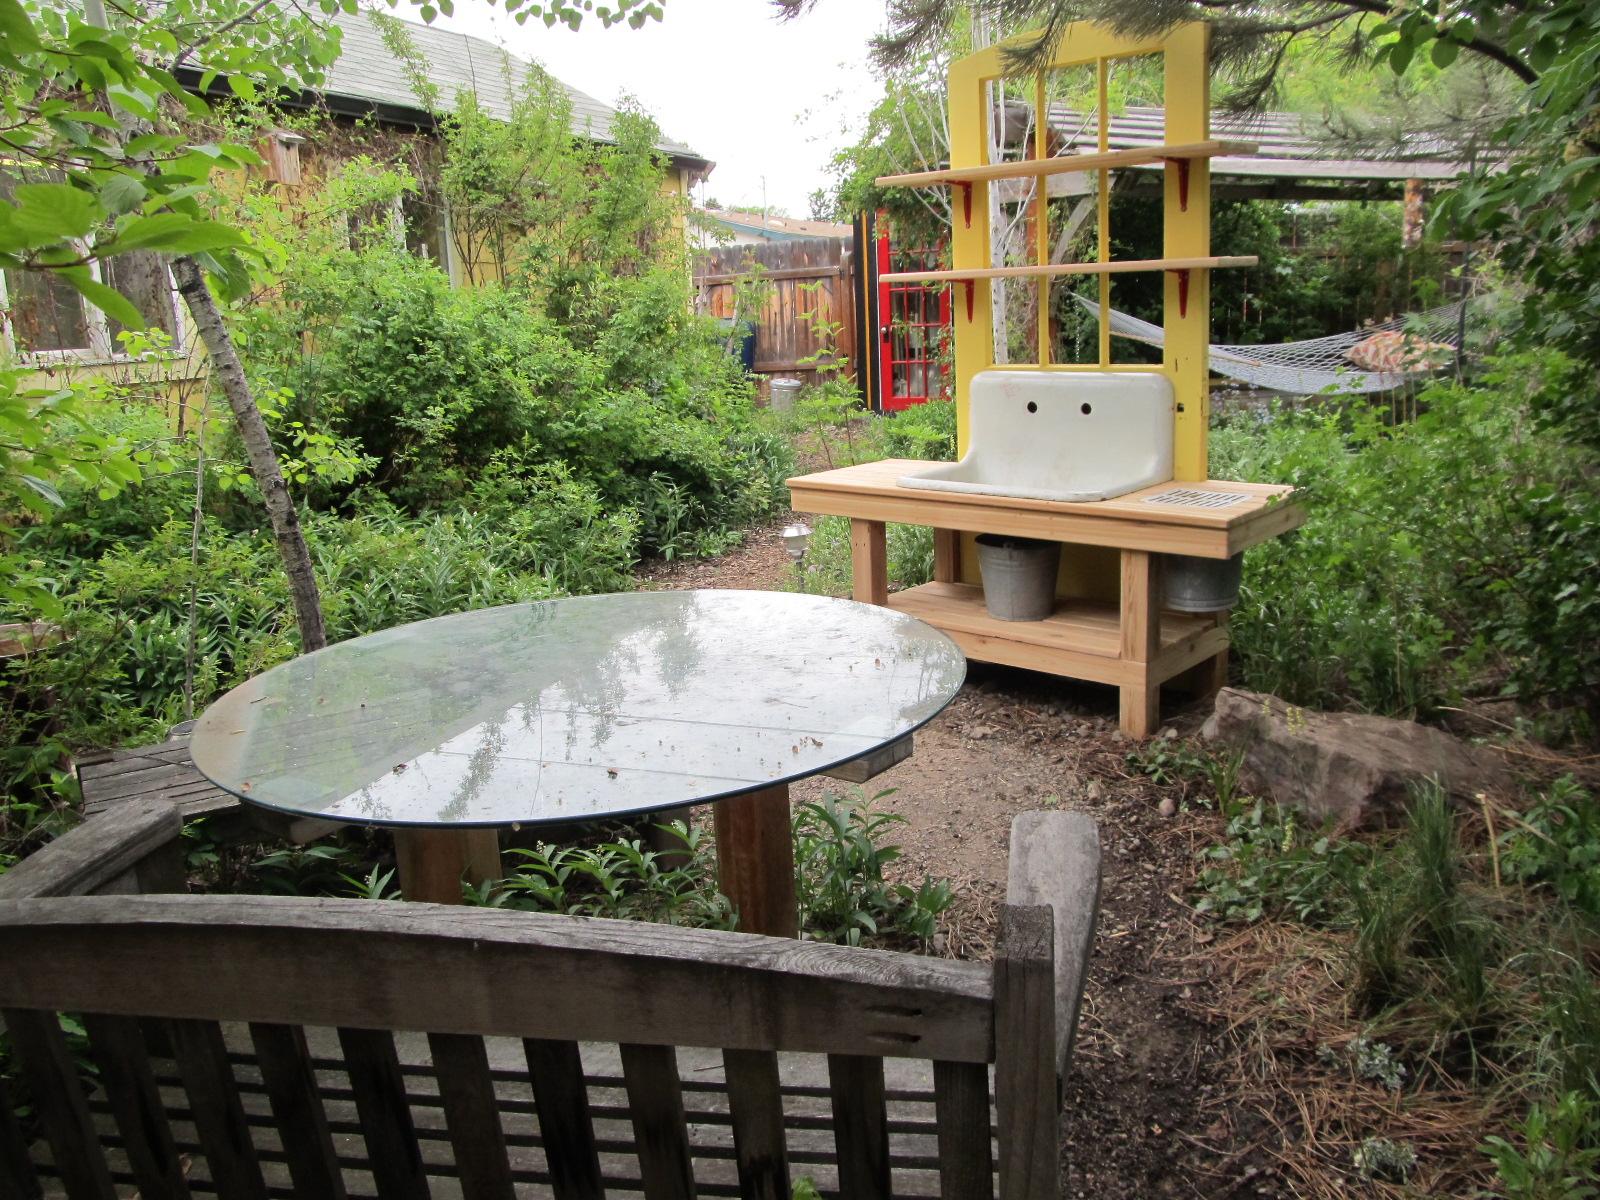 Decorative Garden Tools For Door Handles